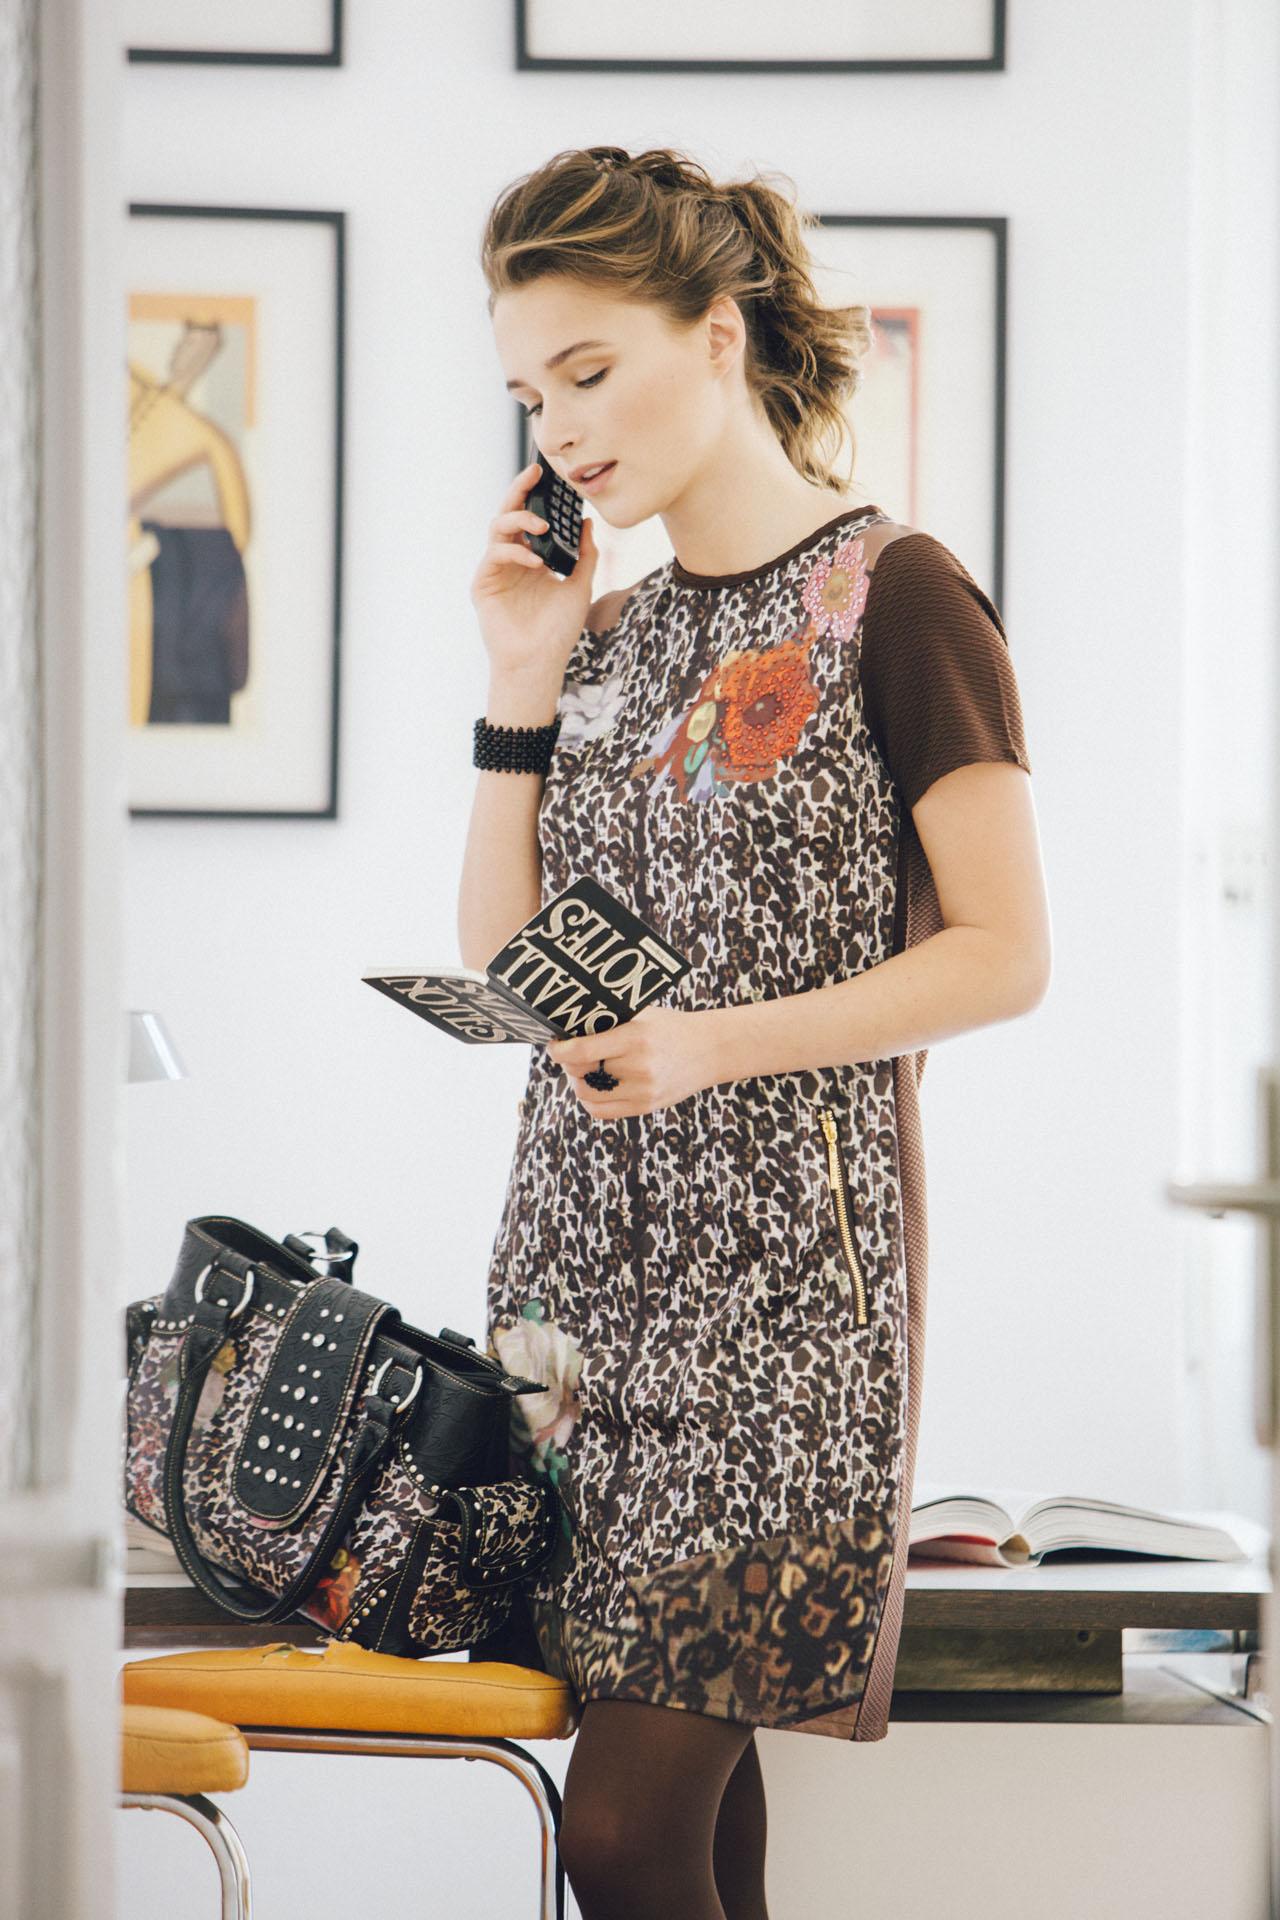 Urban Princess Style In Rosalita Mcgee Fall 2015 2019